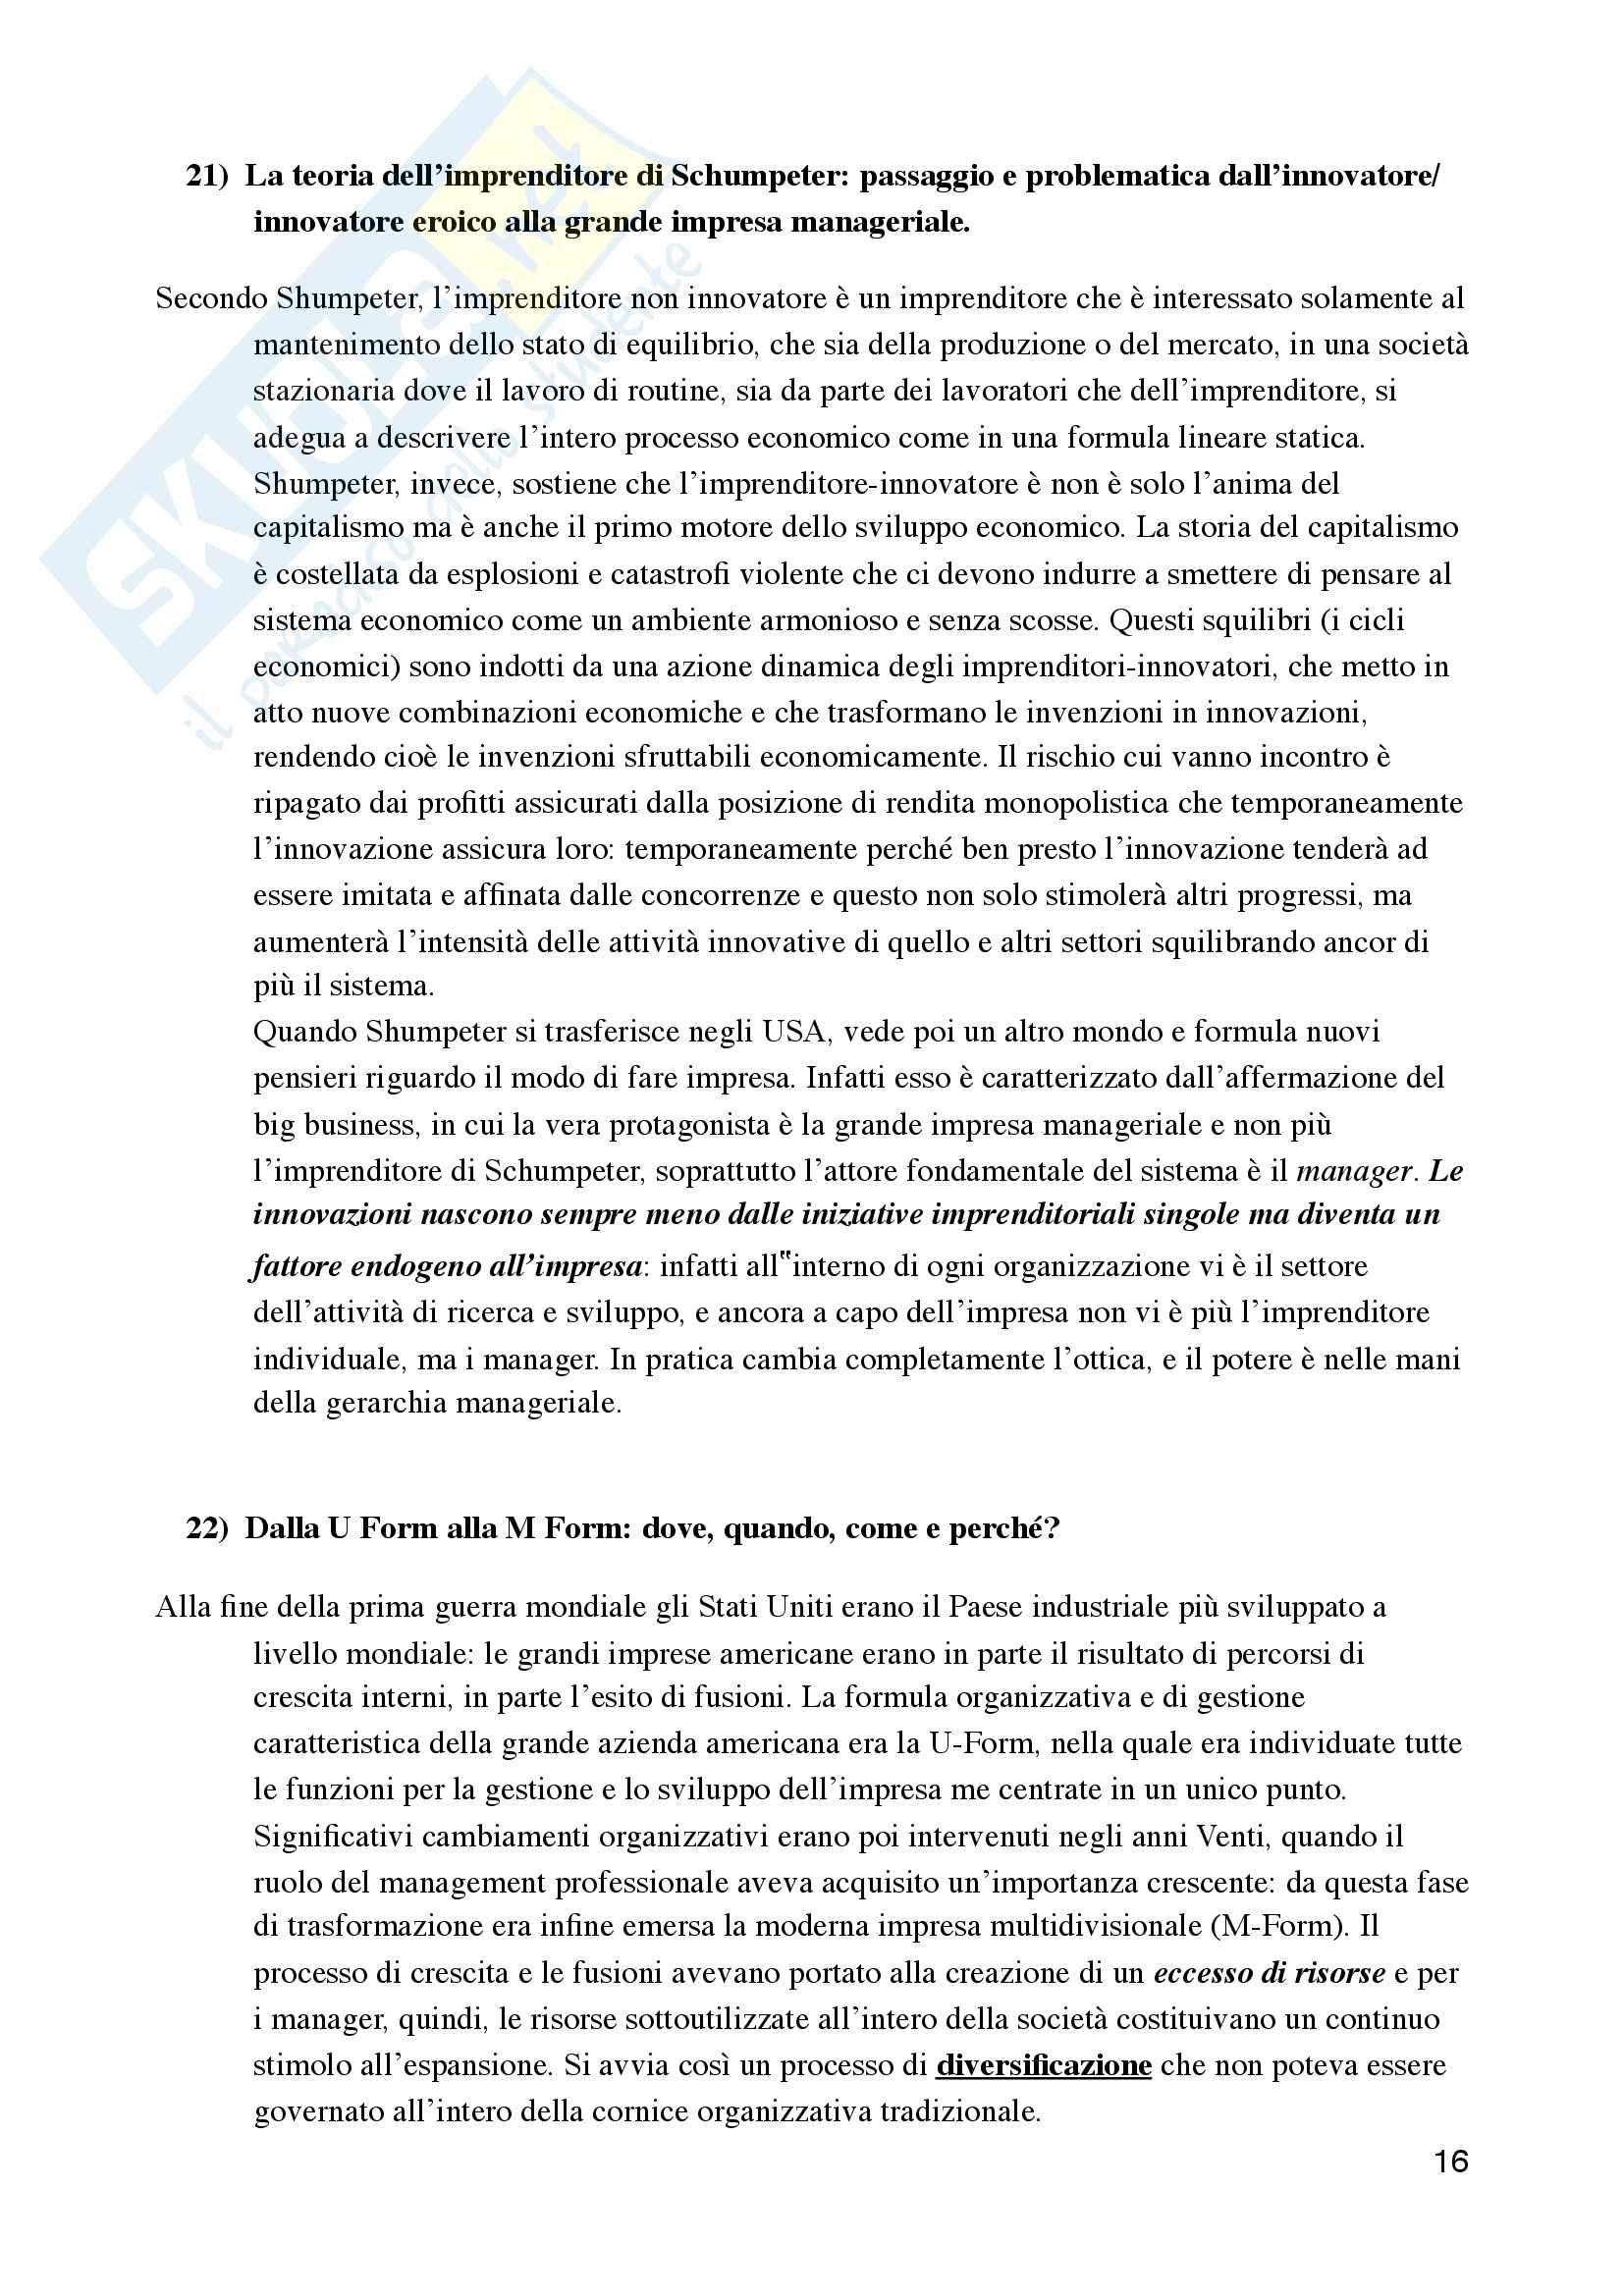 Risposte Domande Aperte - Esame storia dell'impresa e imprenditorialità Pag. 16